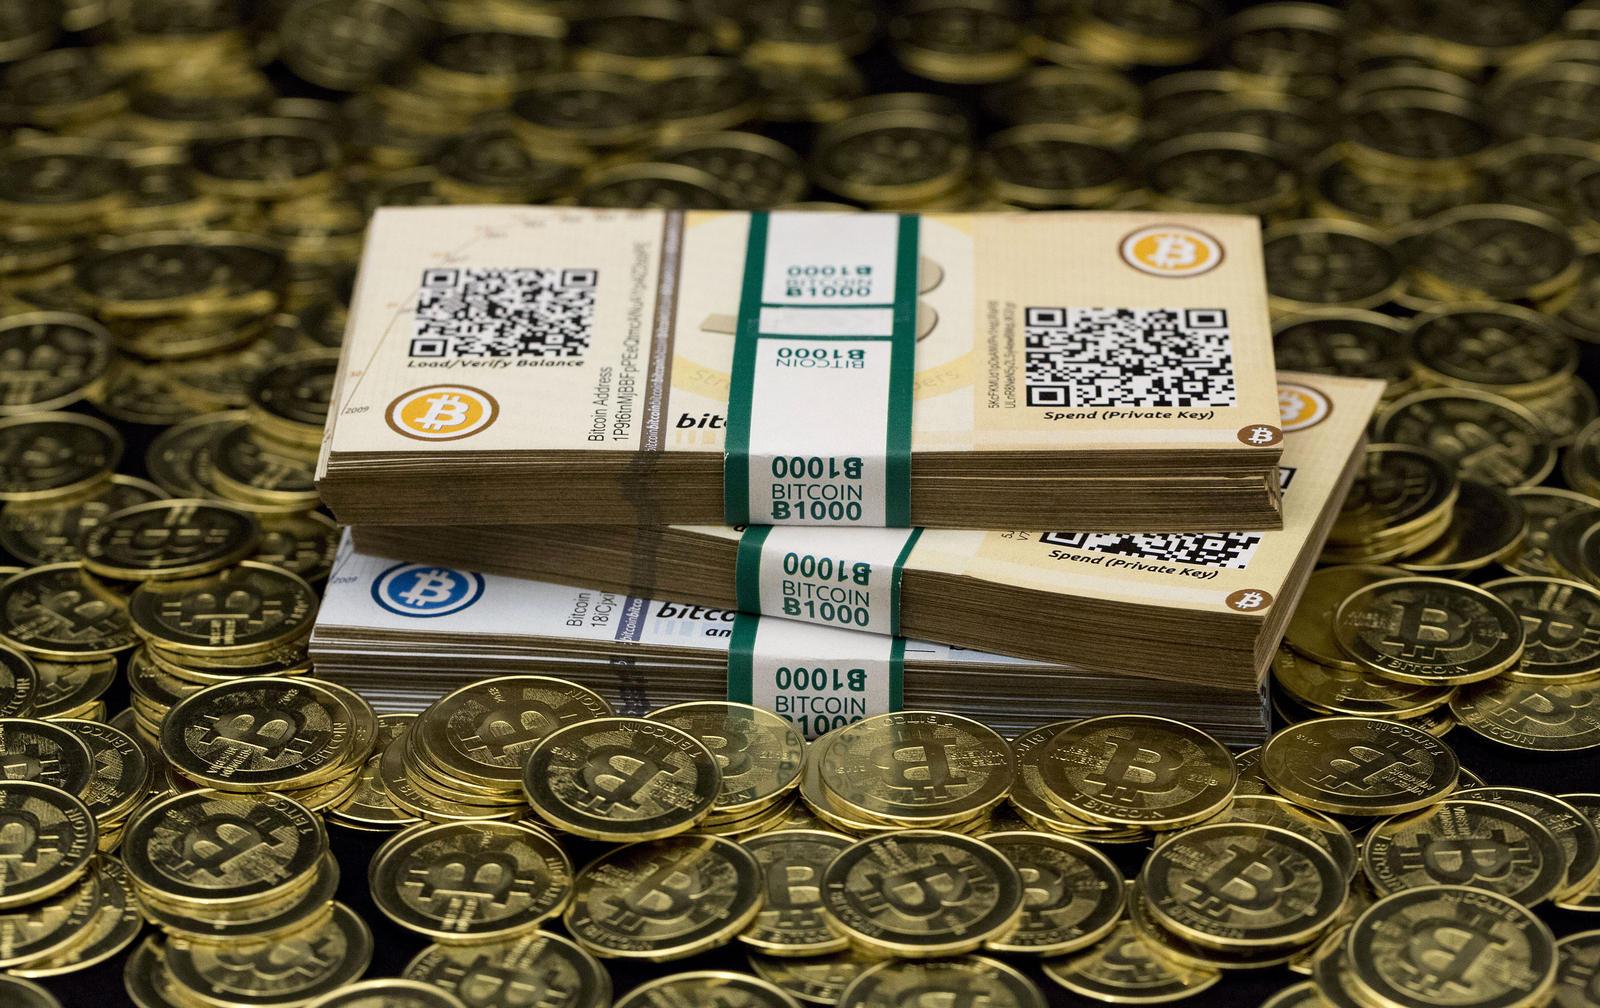 Cryptocurrency kaip užsidirbti pinigų bitcoin - Ripple valiuta – apibrėžimas